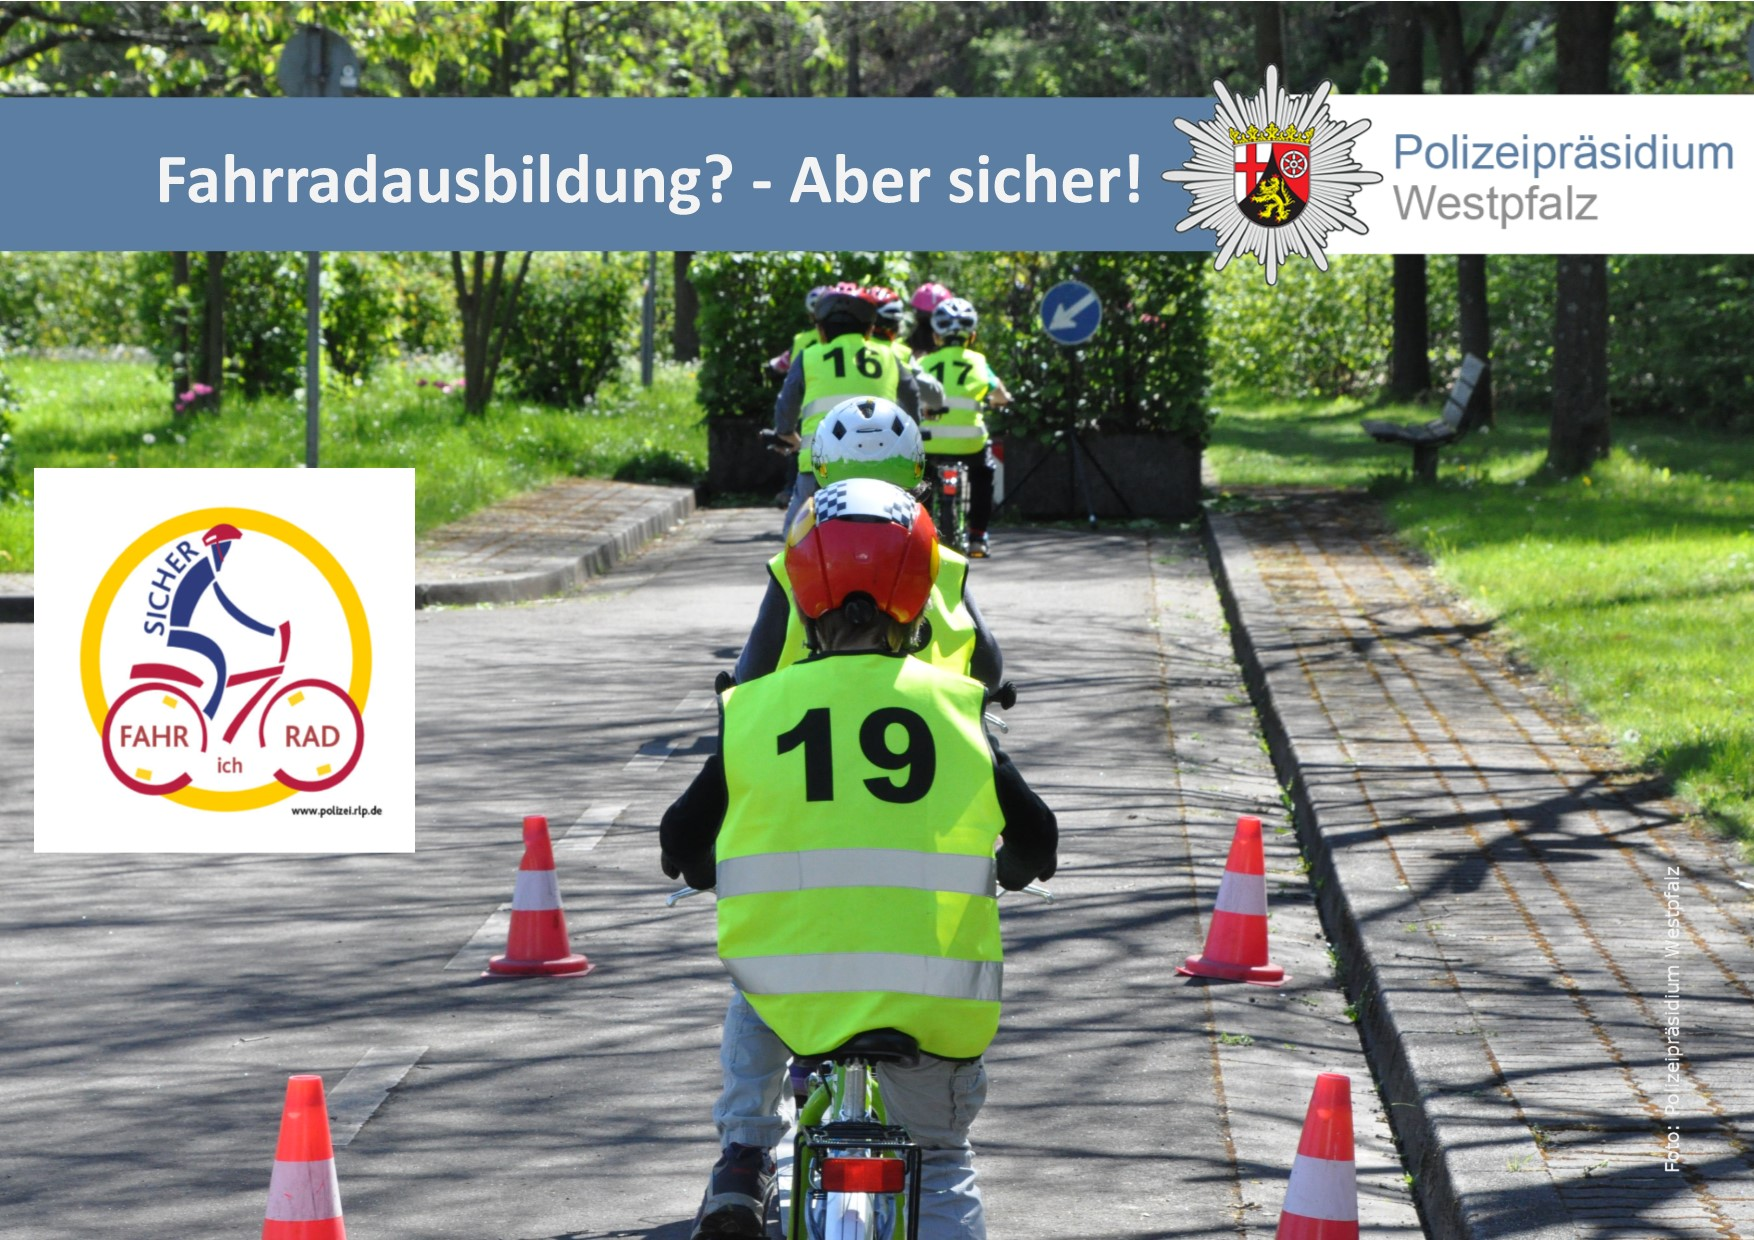 Fahrradführerschein in den Sommerferien